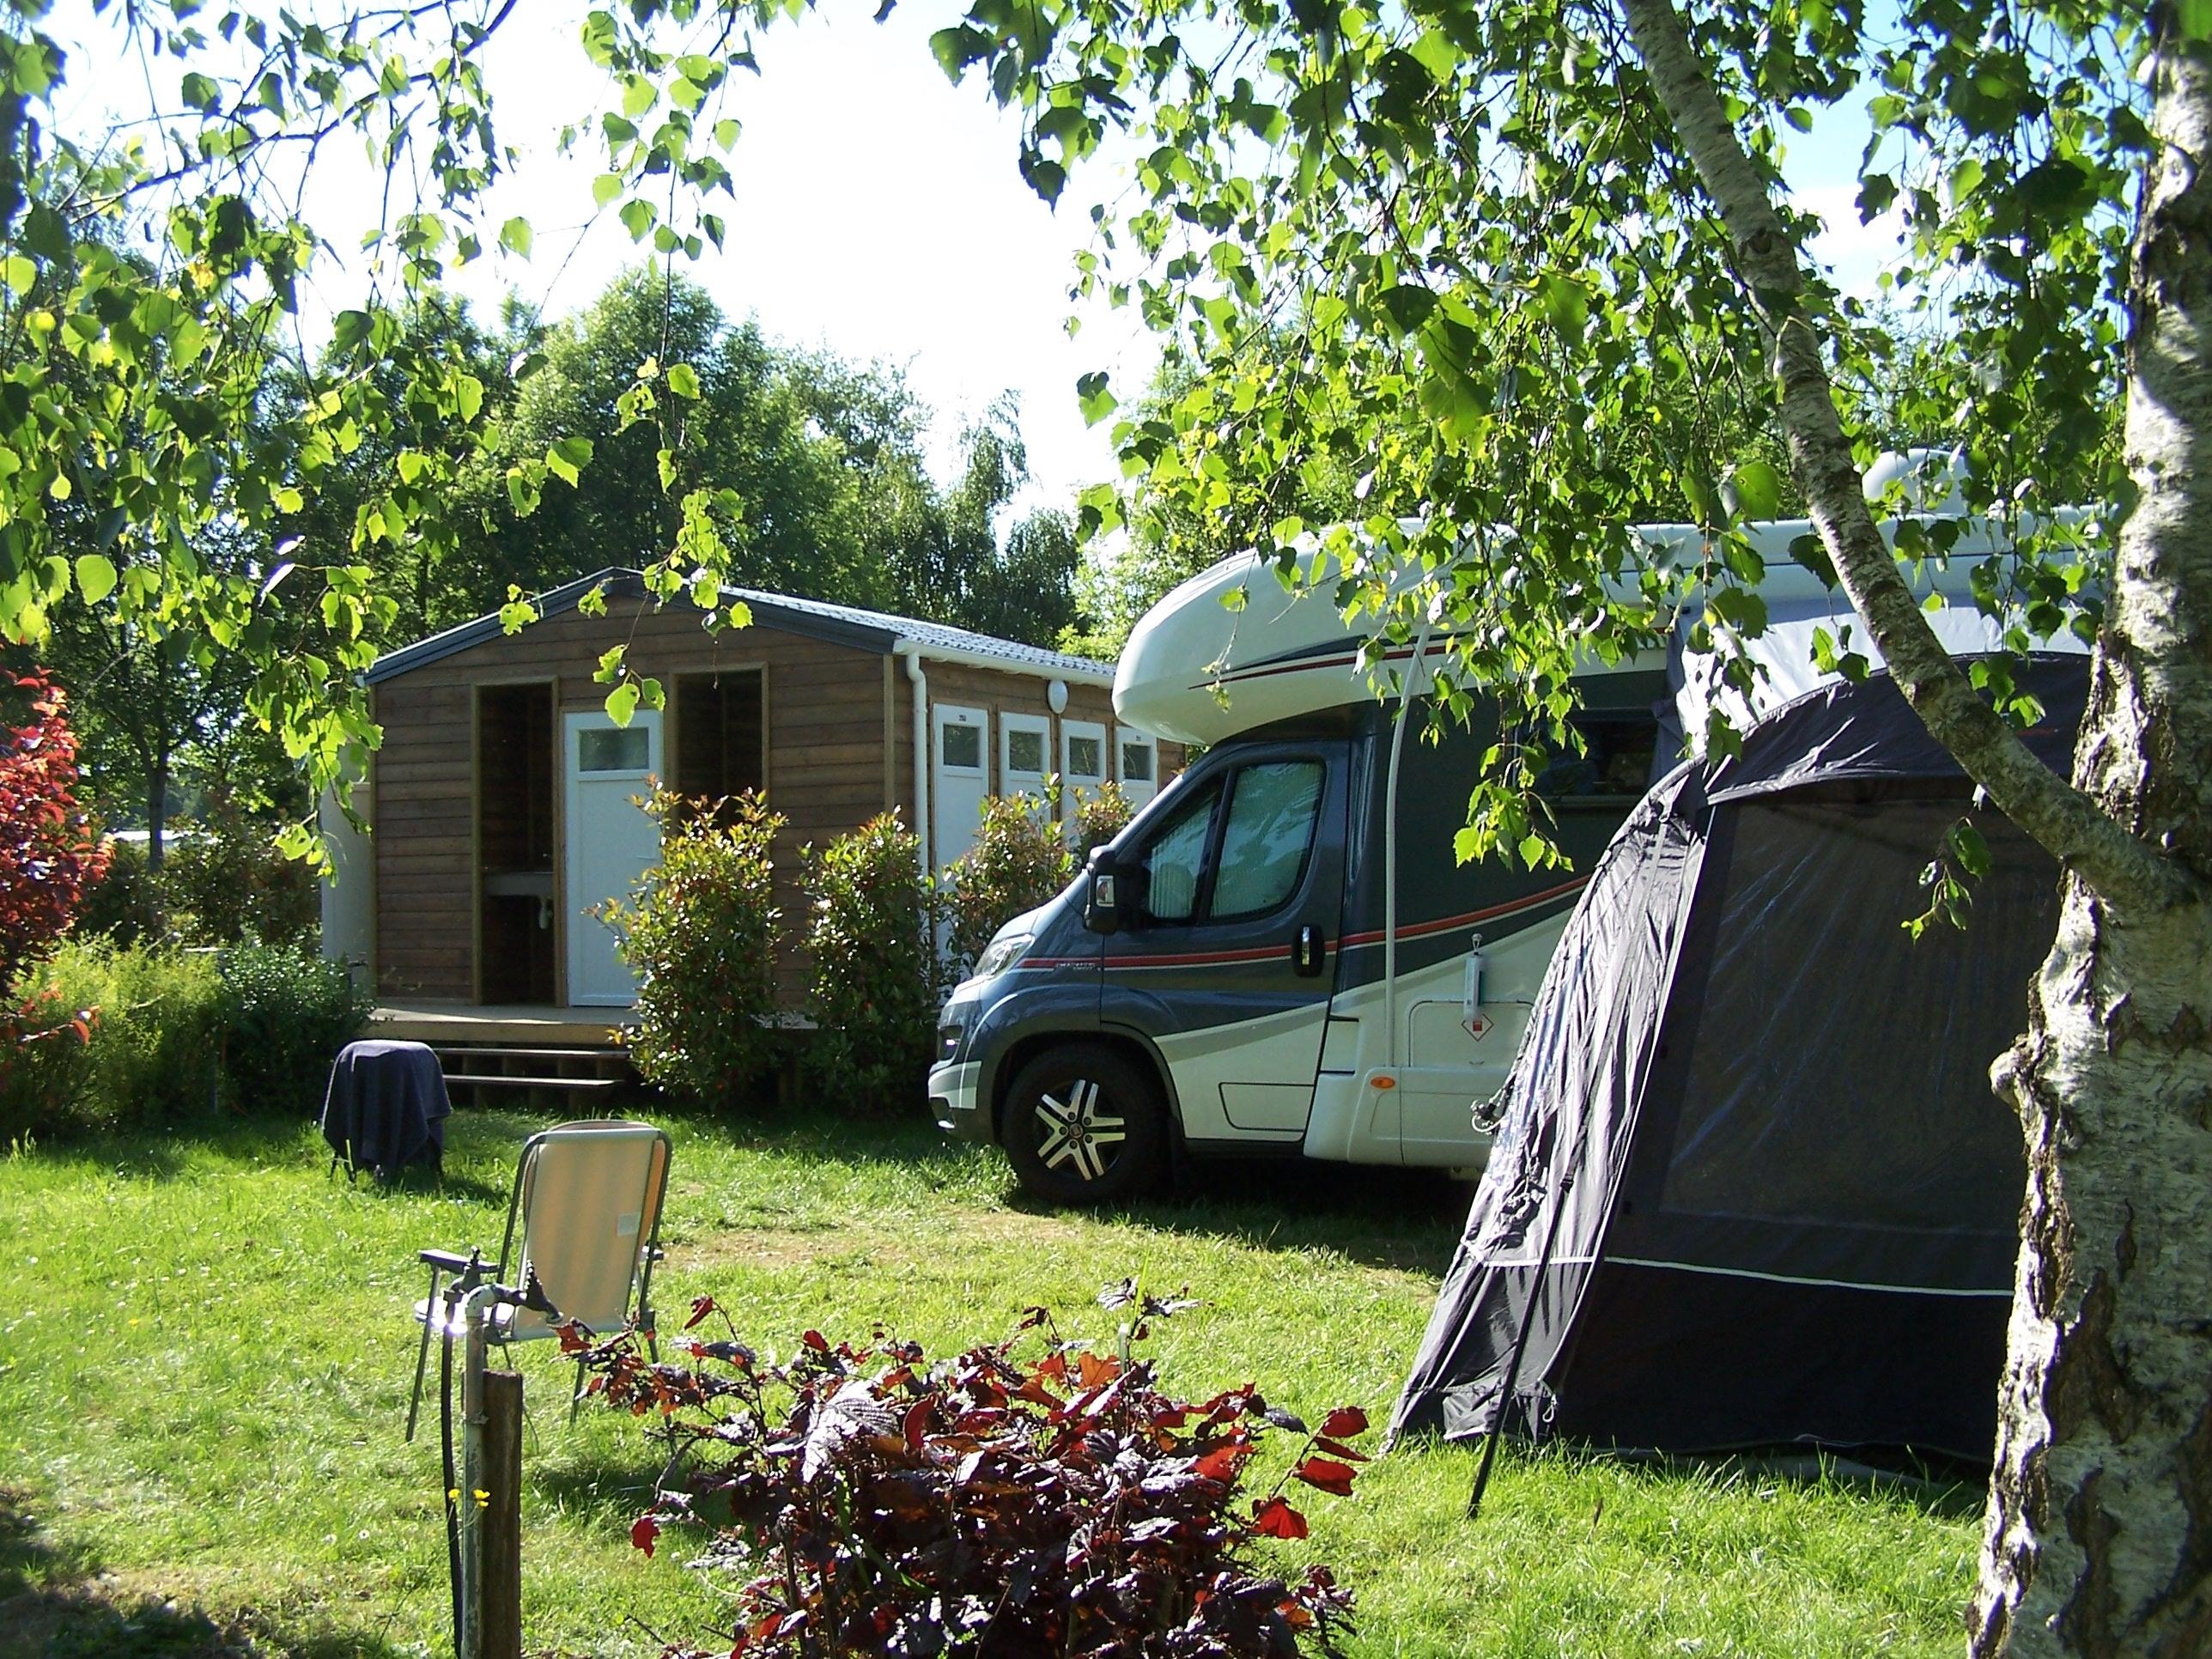 Emplacement - Emplacement Castels Suite -Sanitaire Privatif - Electricité 10 A - Eau - Evacuation - - Camping Castel Parc de Fierbois